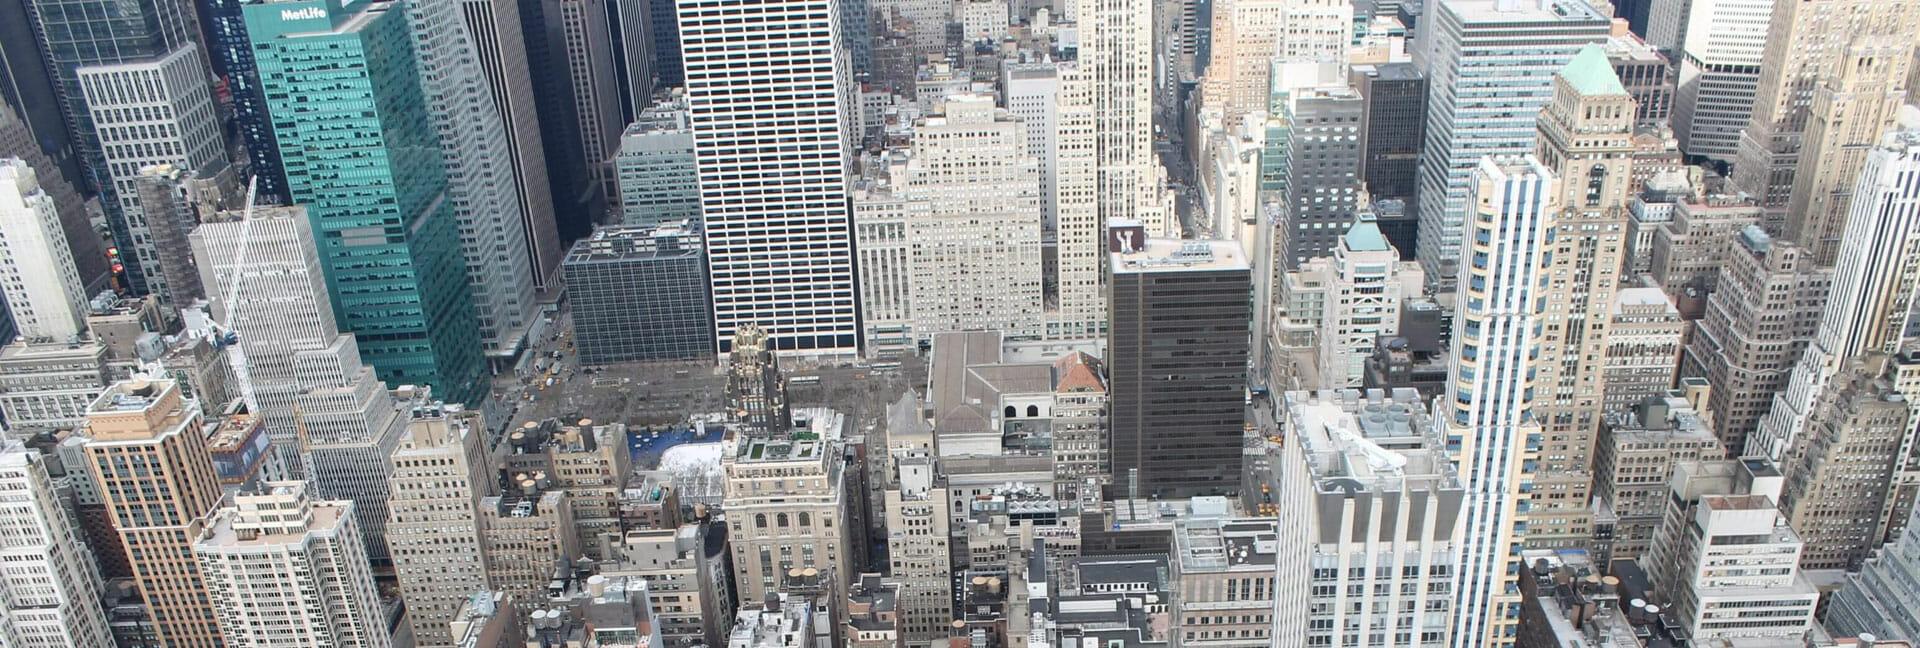 birds eye view of new york city